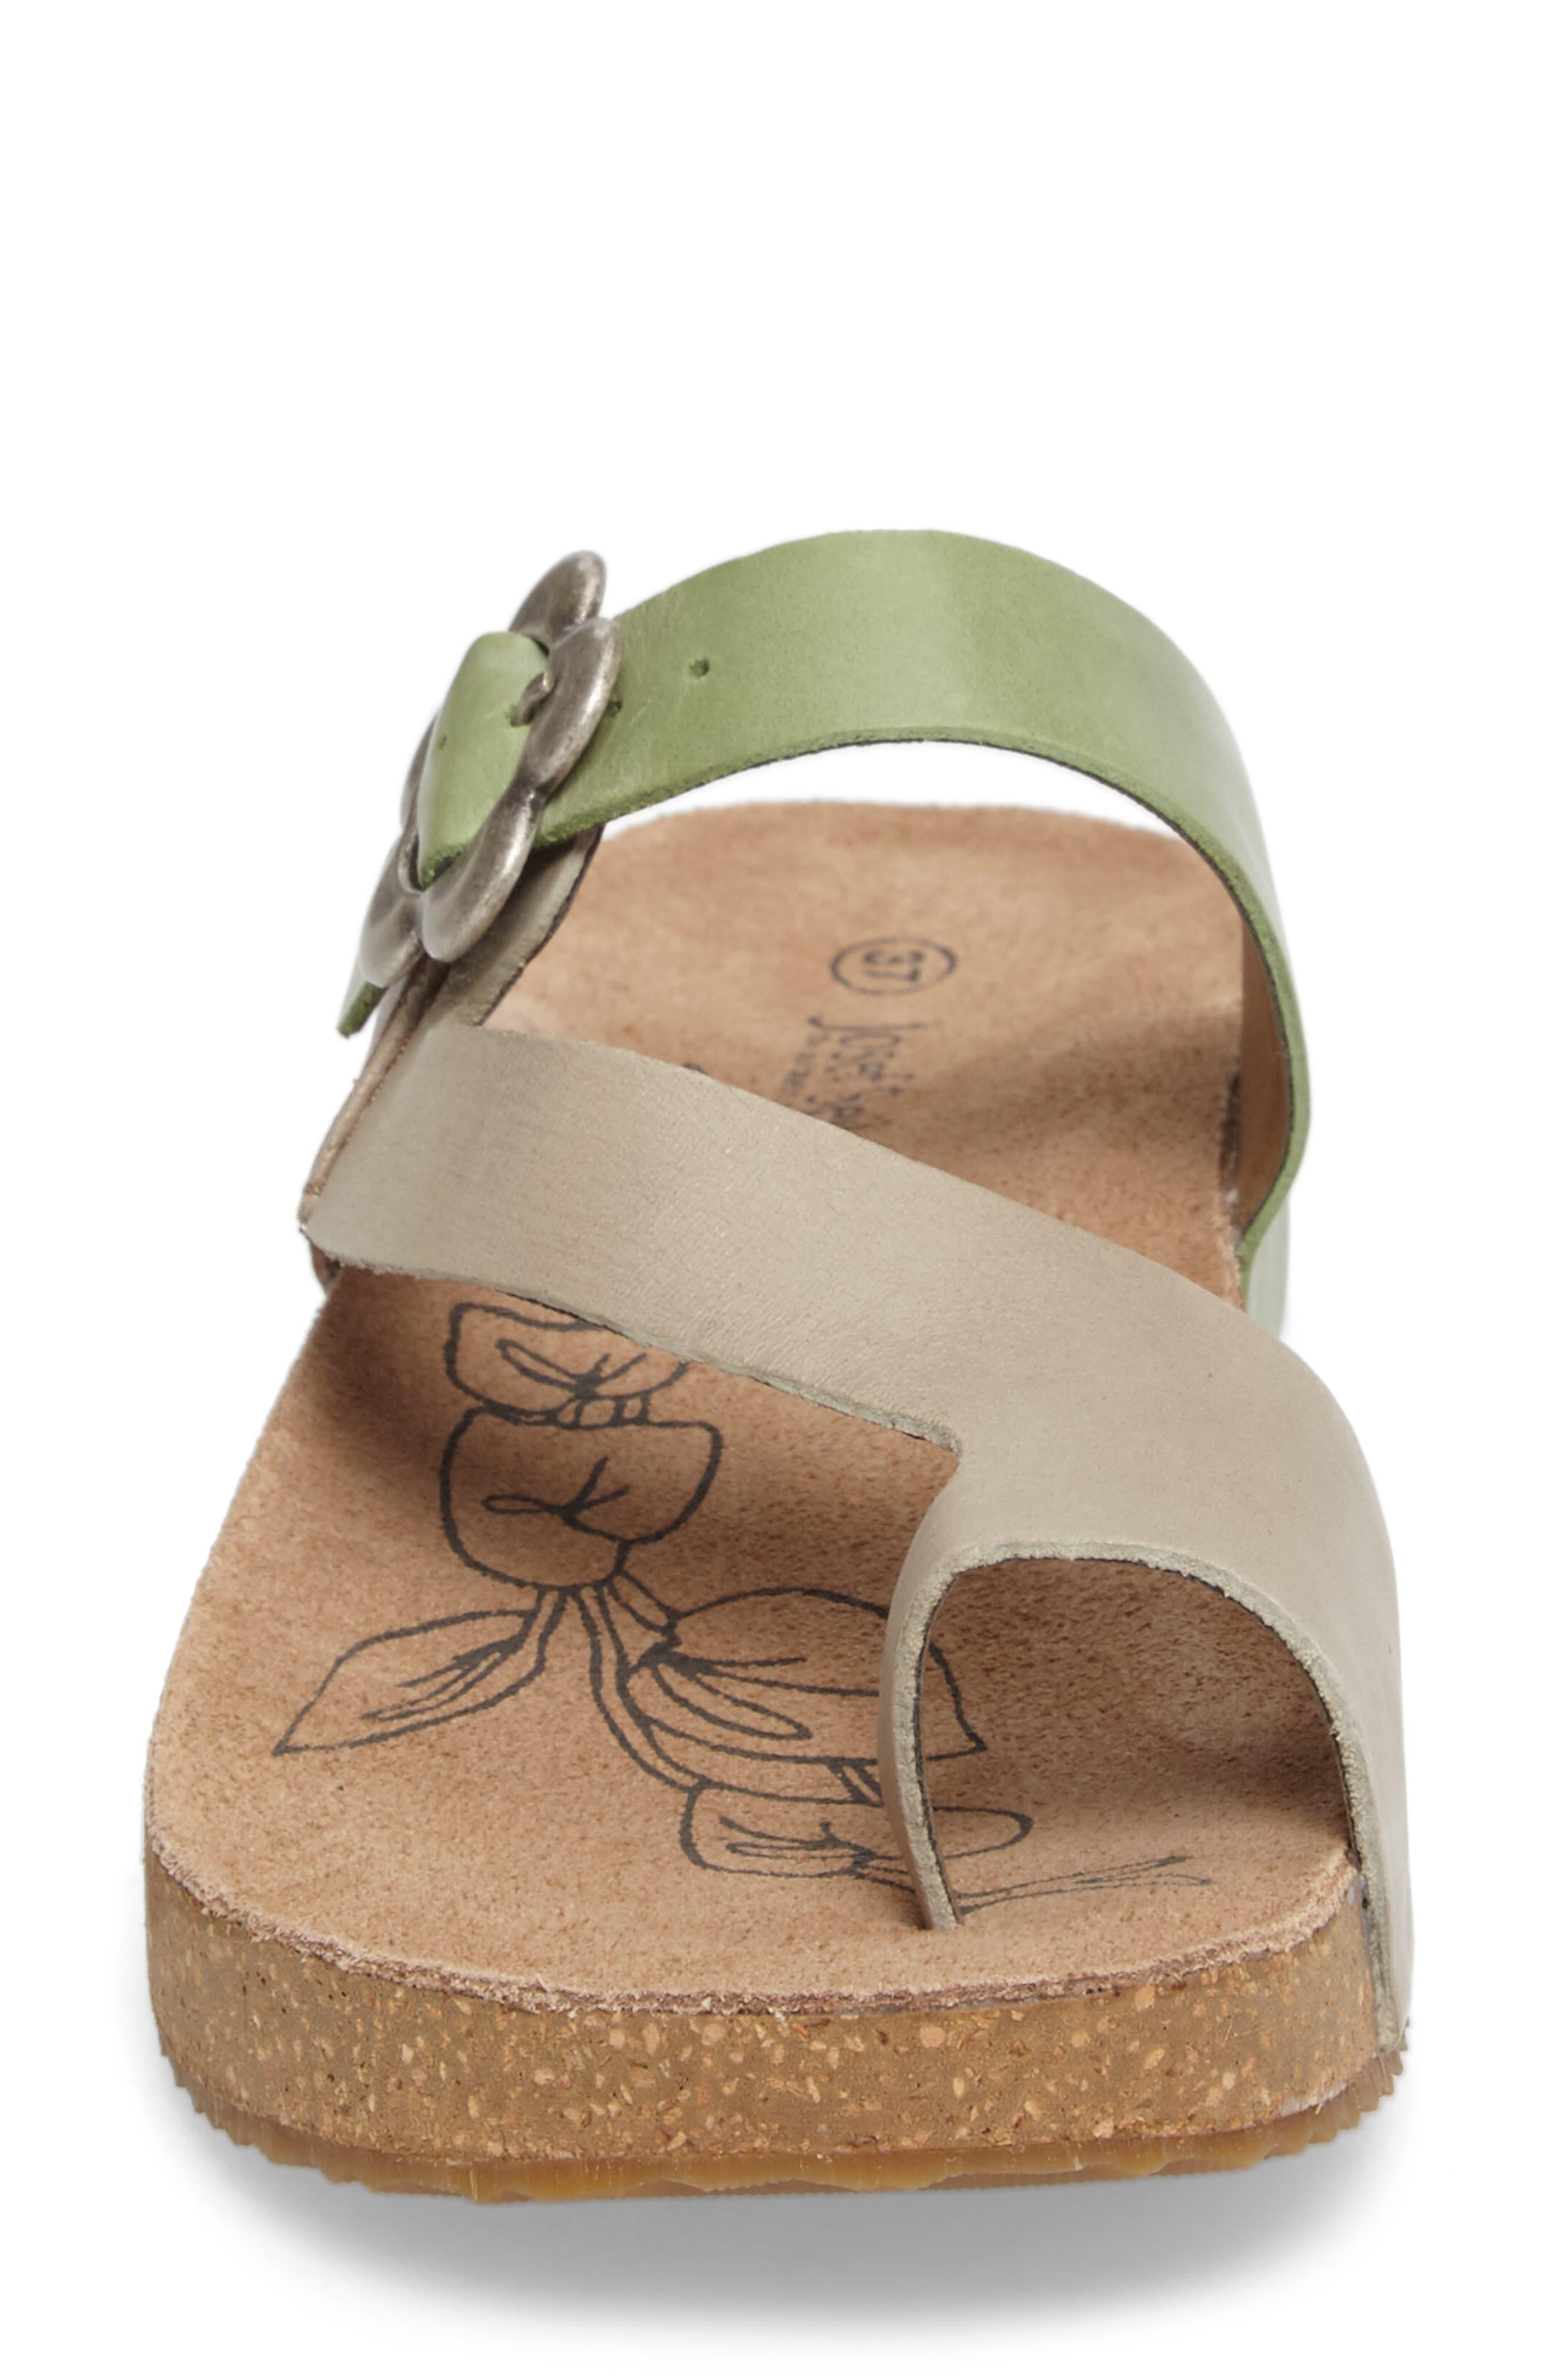 Tonga 23 Sandal,                             Alternate thumbnail 4, color,                             Grey Multi Leather